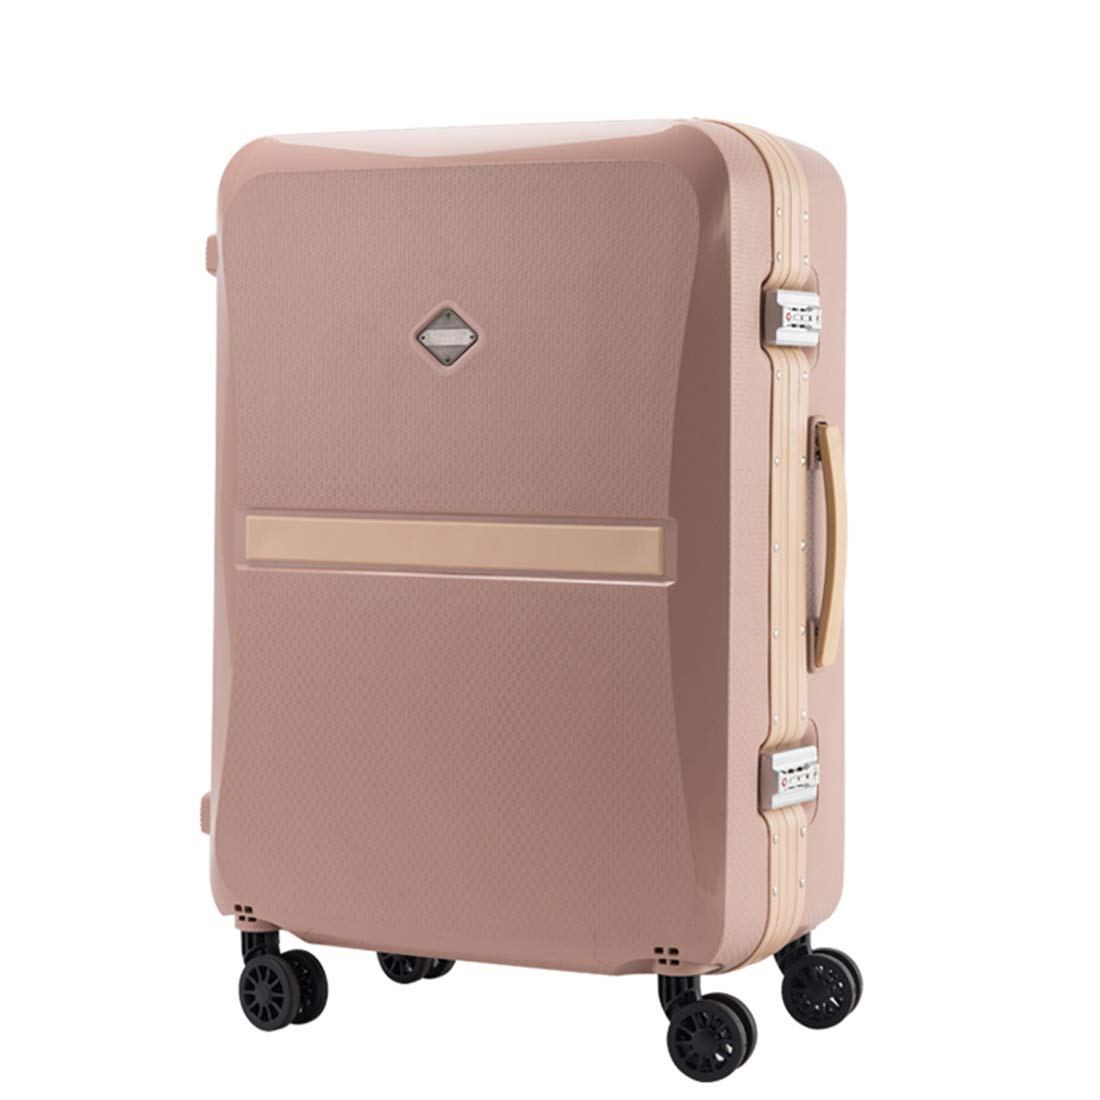 荷物ビジネスTSAスーツケース軽い学生トロリーケース24インチ   B07HK76R91